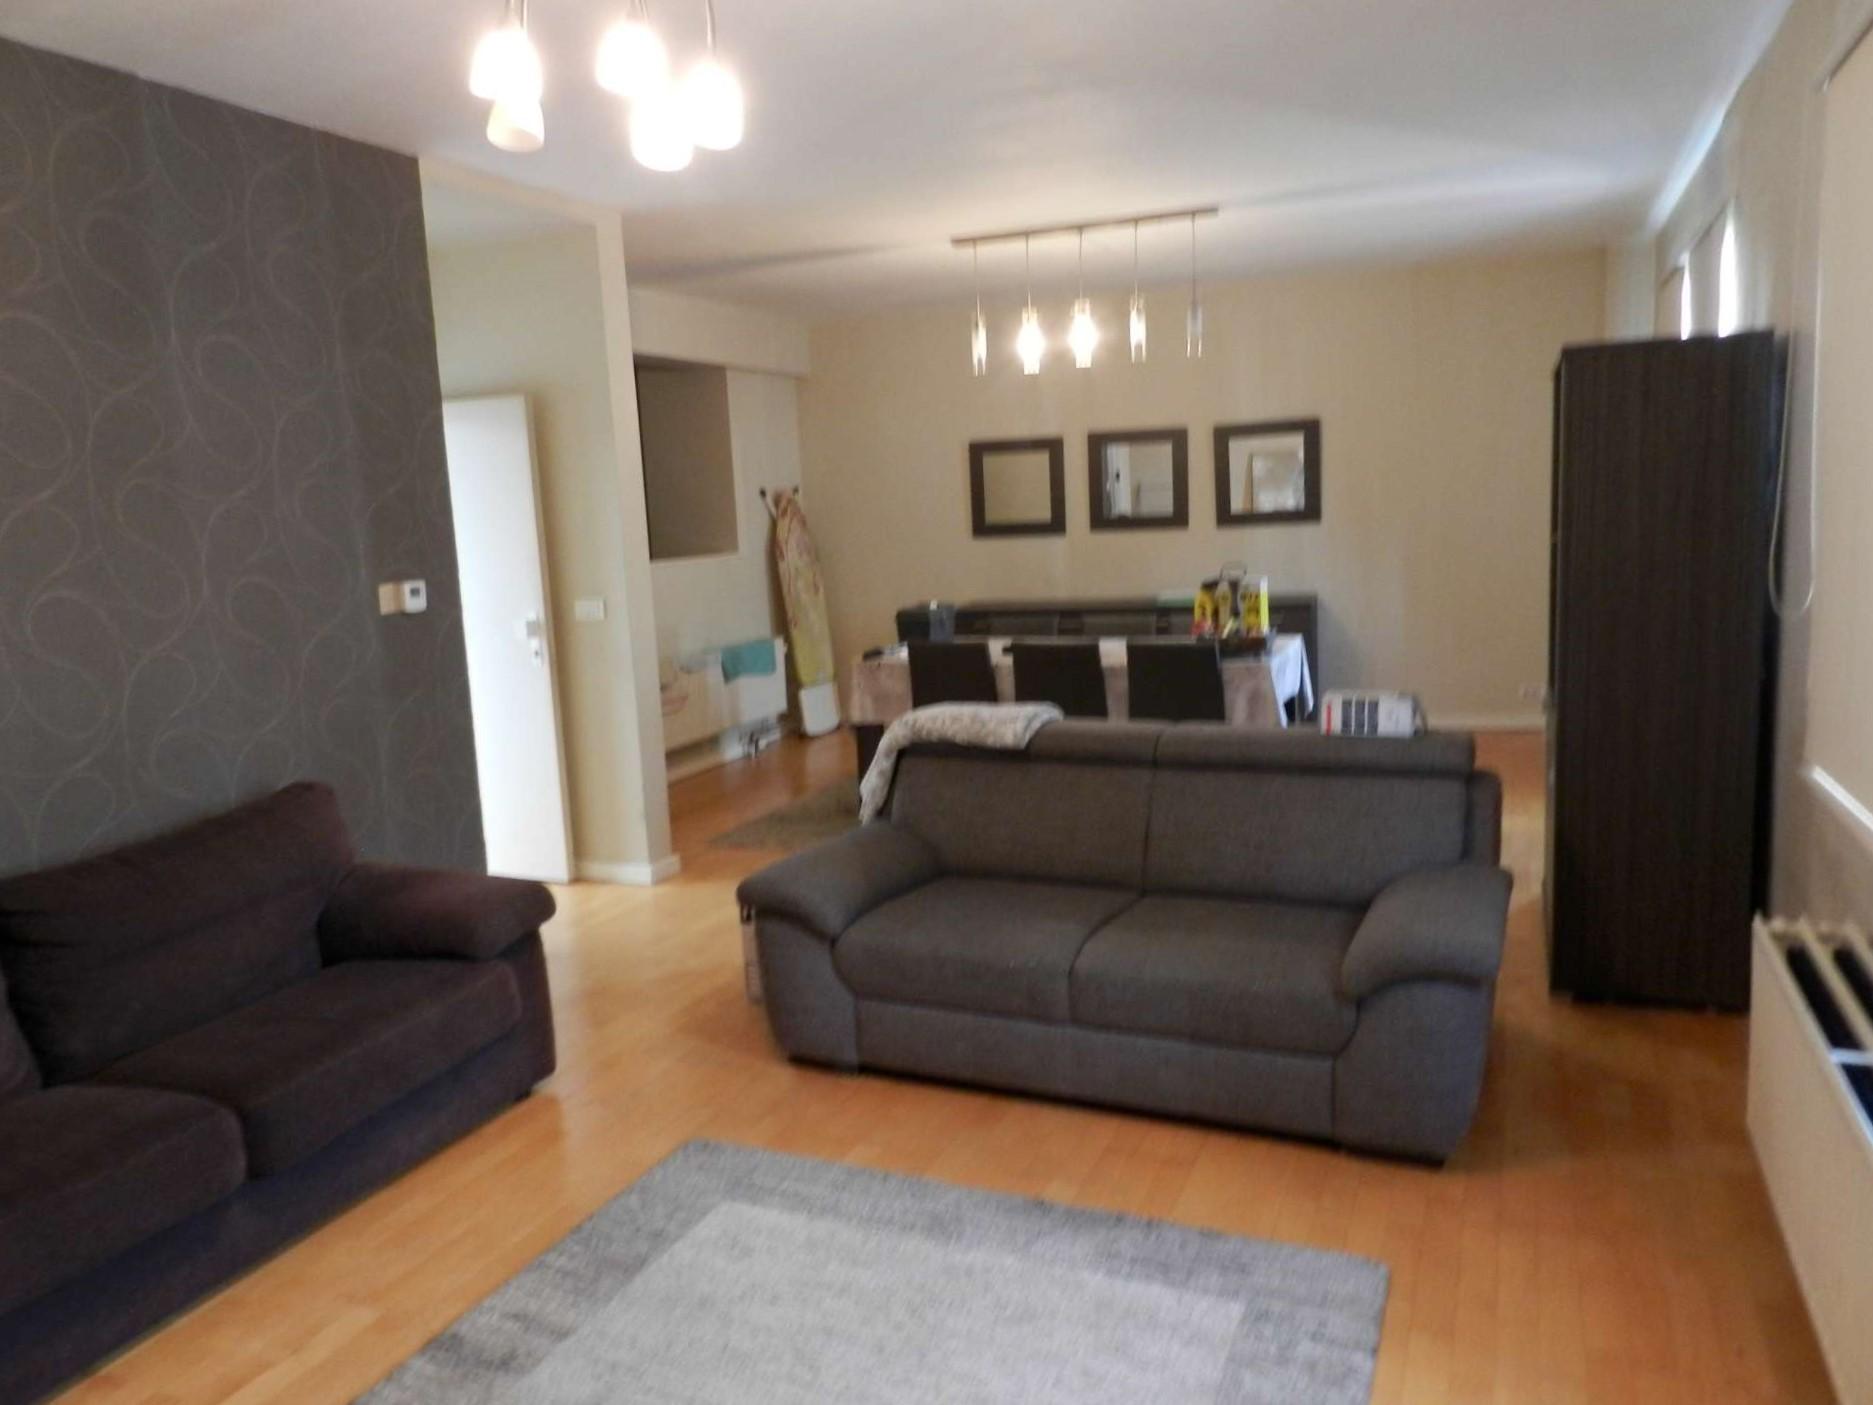 Duplex appartement met 2 slaapkamers